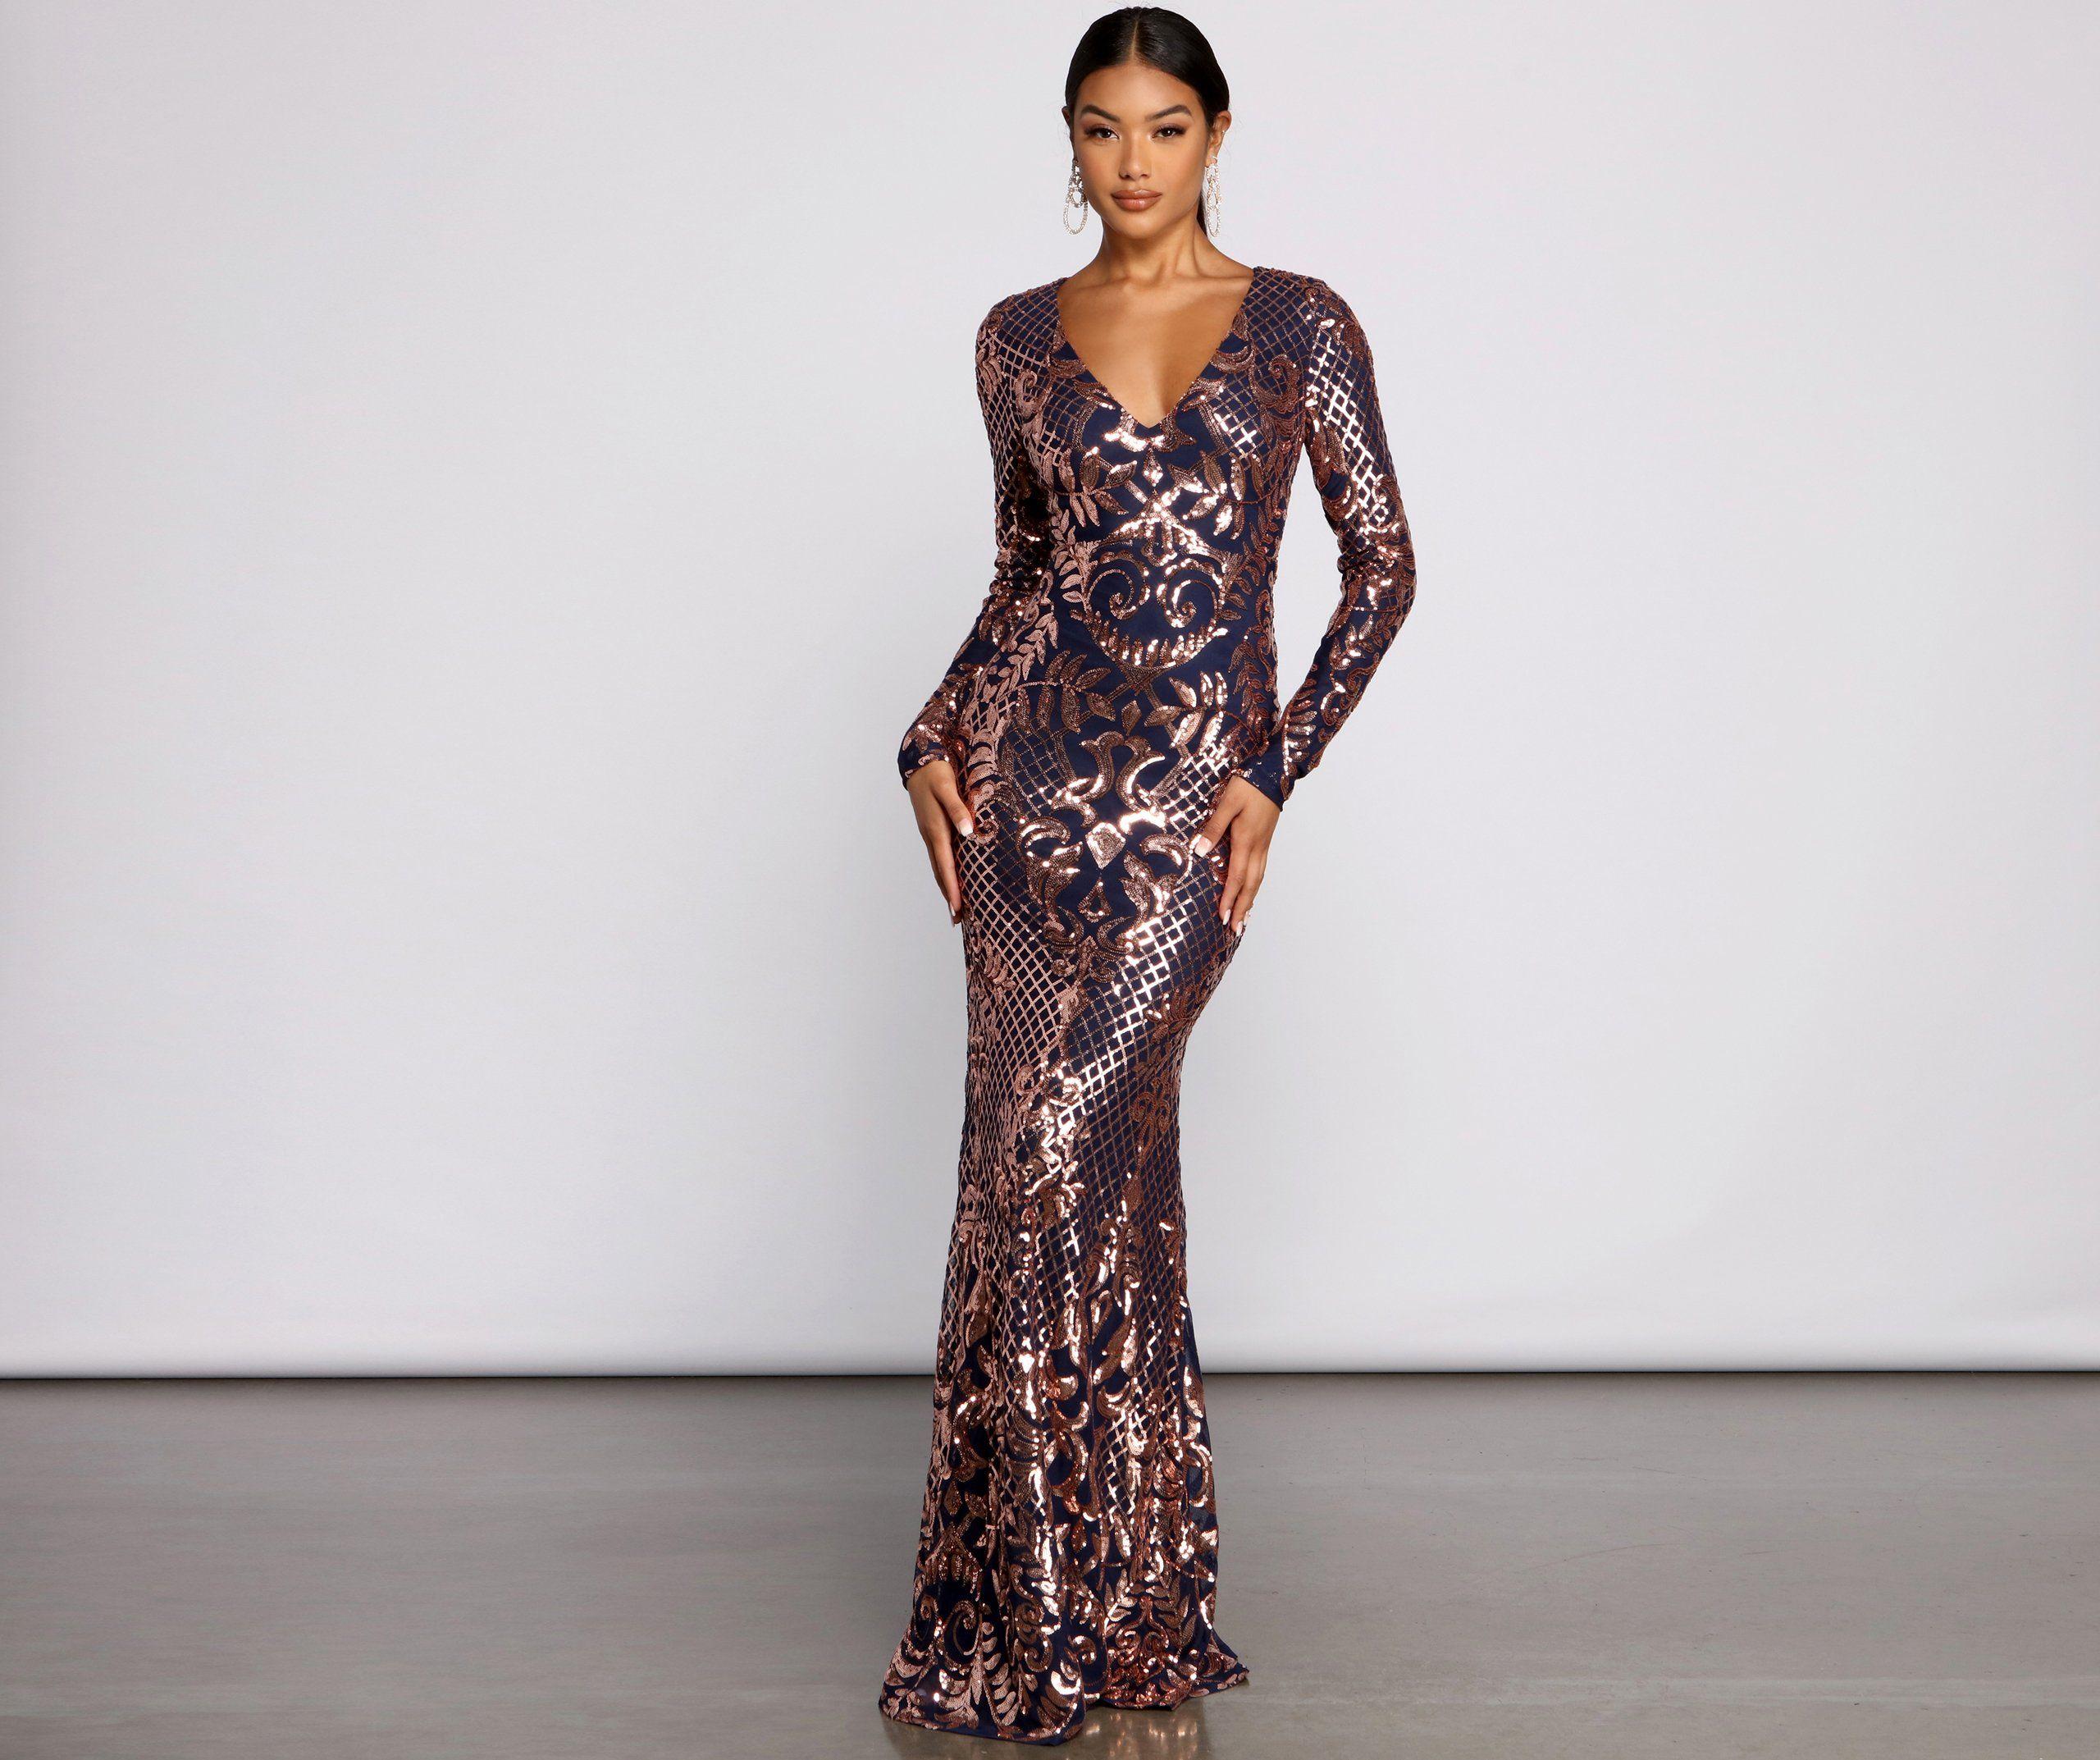 Ayla Formal Long Sleeve Sequin Scroll Dress In 2021 Dresses Long Sleeve Sequin Sequin Formal Dress [ 2145 x 2560 Pixel ]